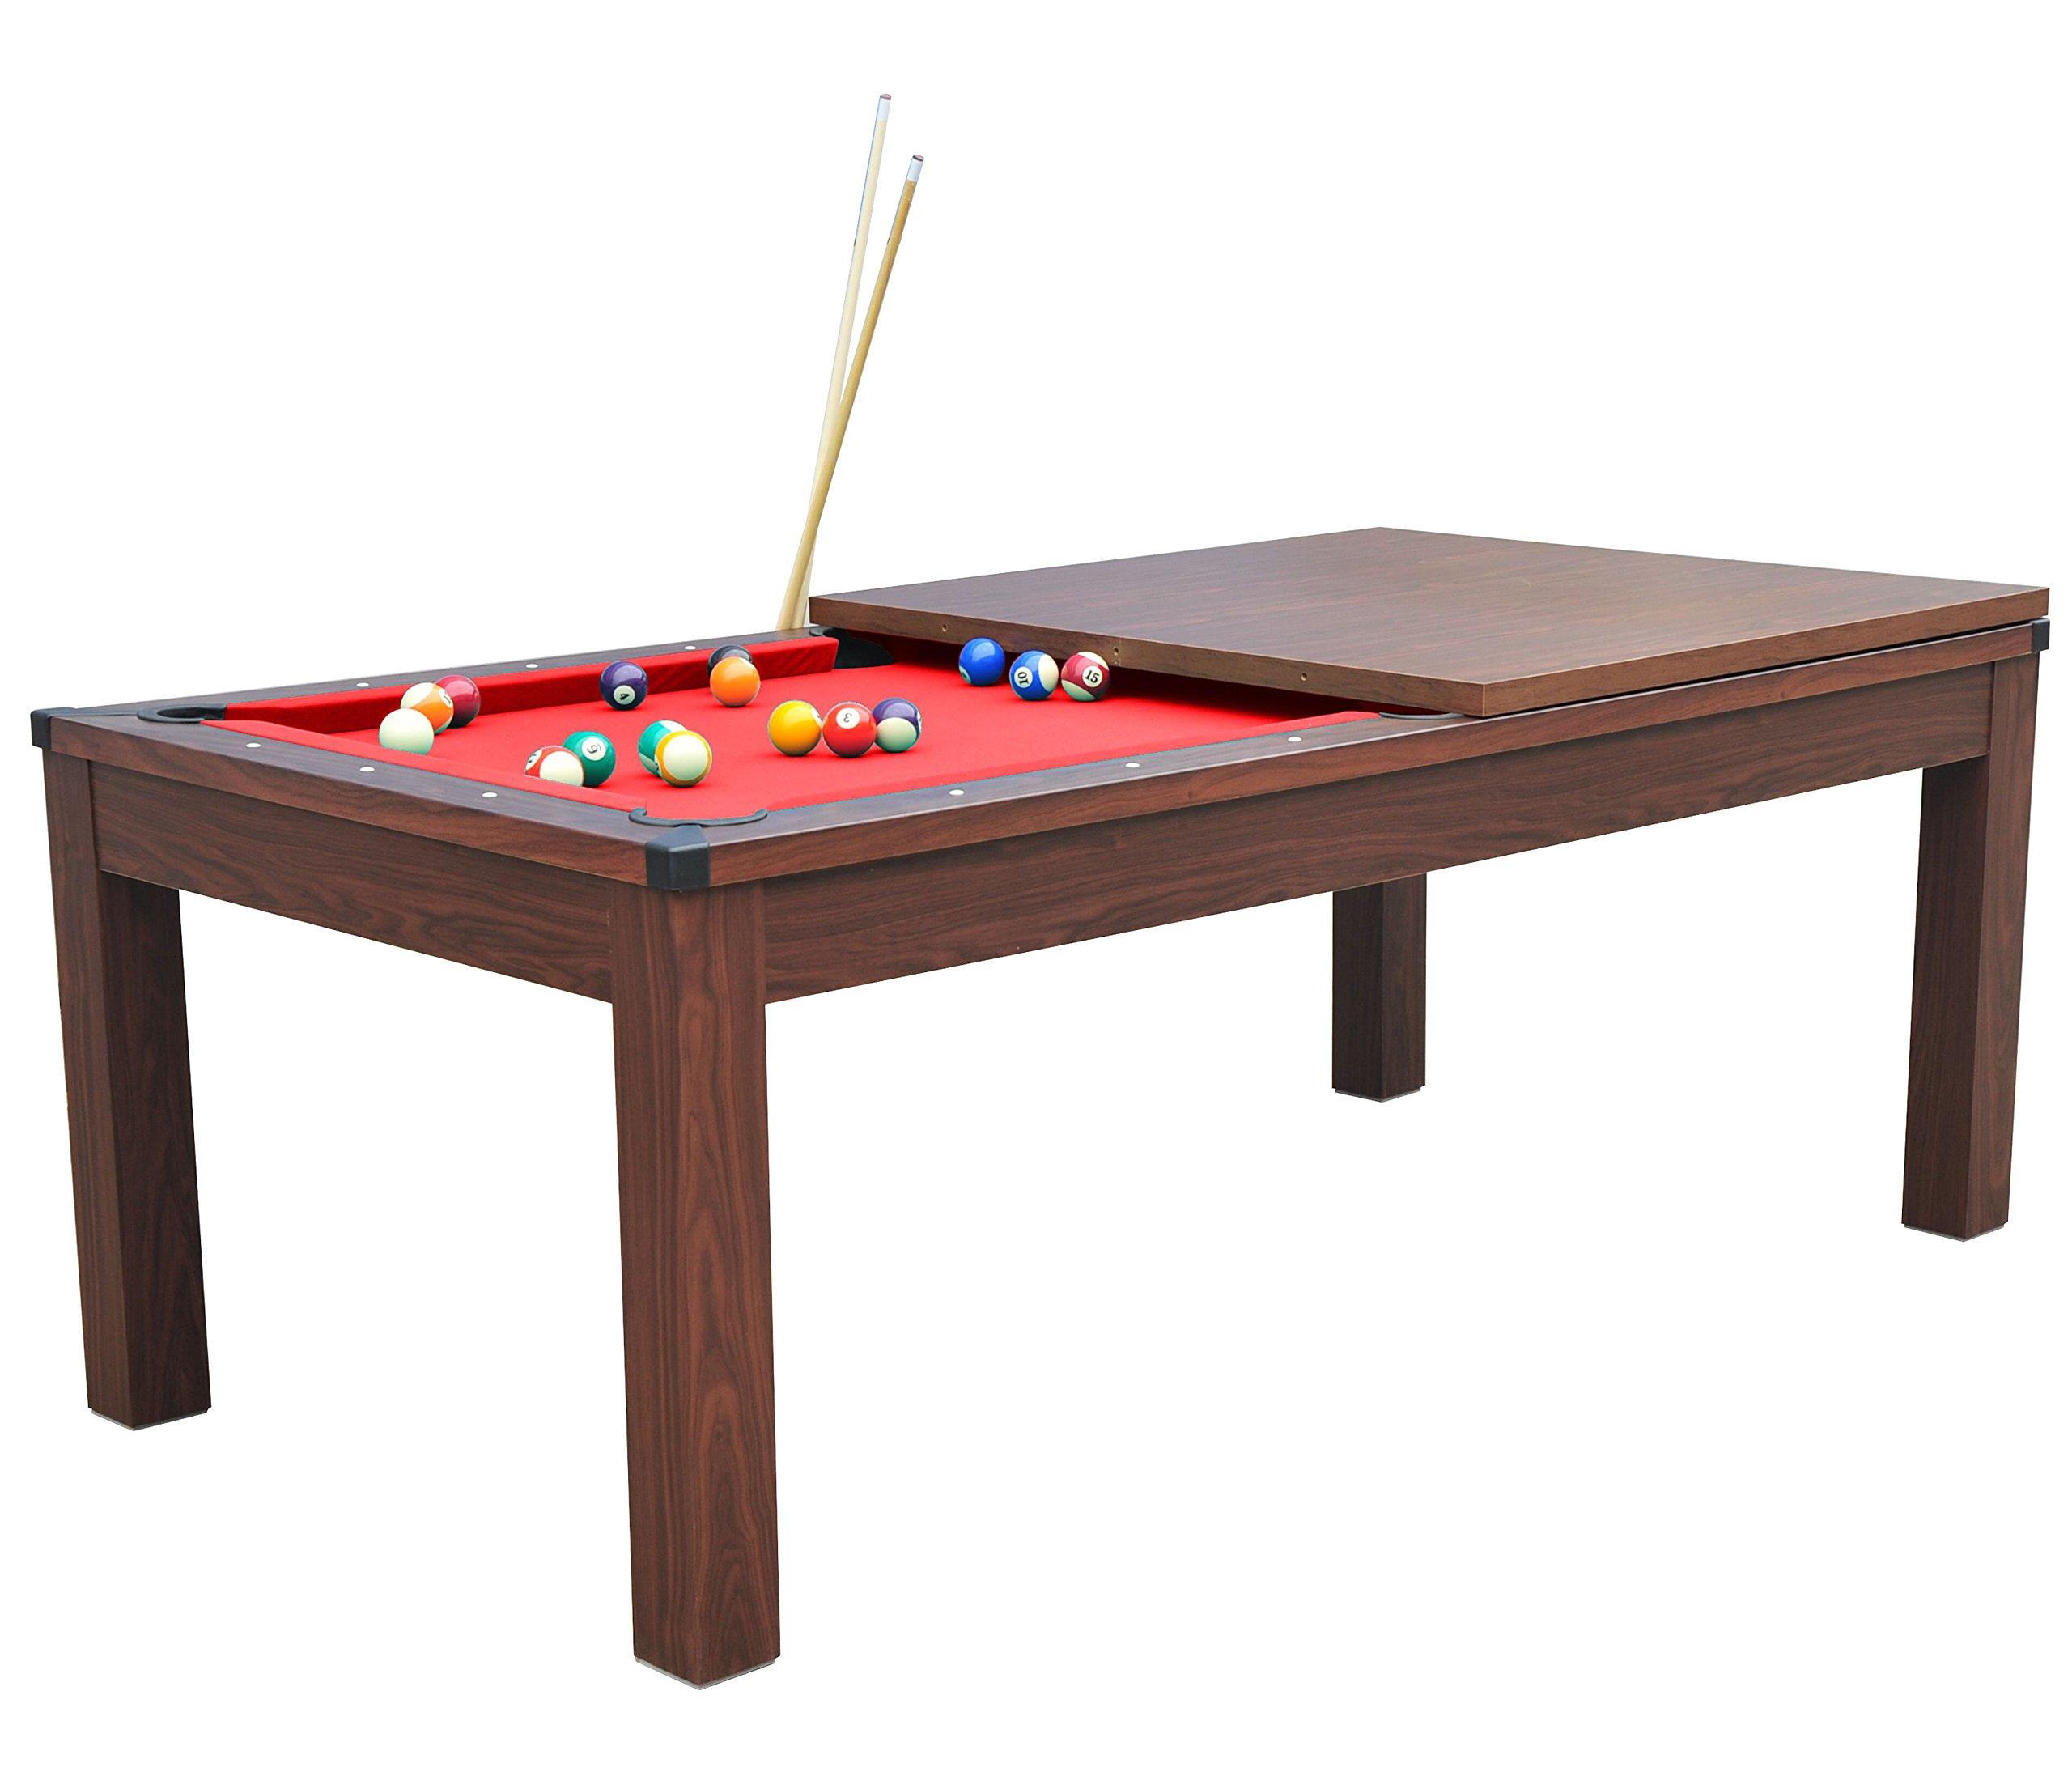 Billar americano con bandeja para comer, 2 juegos de bolas y accesorios, Havane-Rouge: Amazon.es: Deportes y aire libre